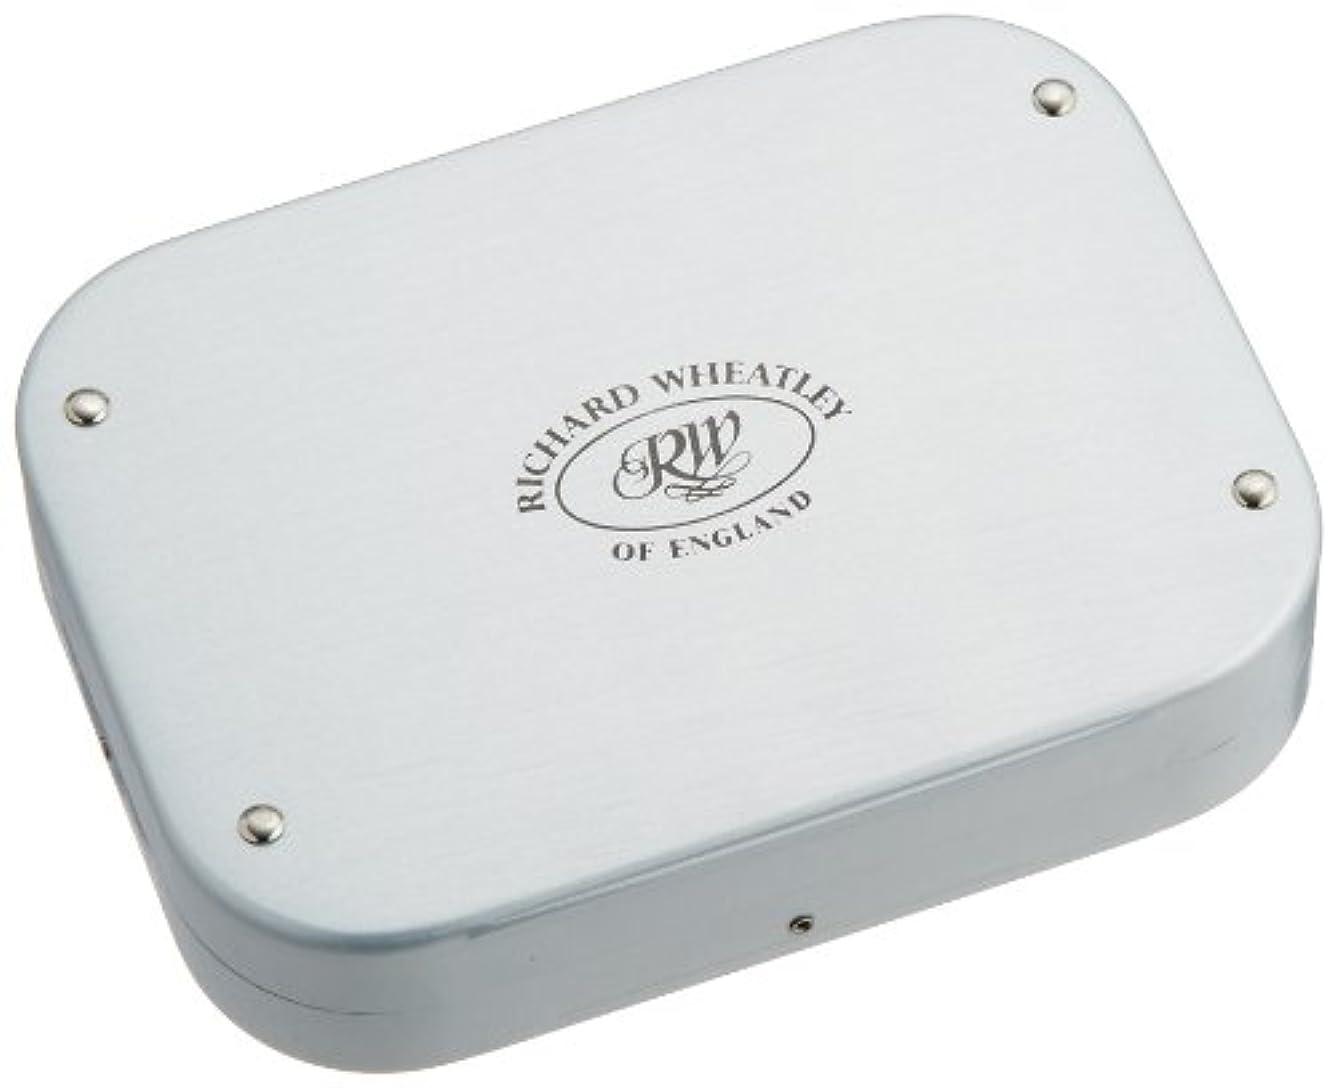 いたずらアッパー公平ティムコ(TIEMCO) ホイットレー ボックスM SV 1411 クリップS/S